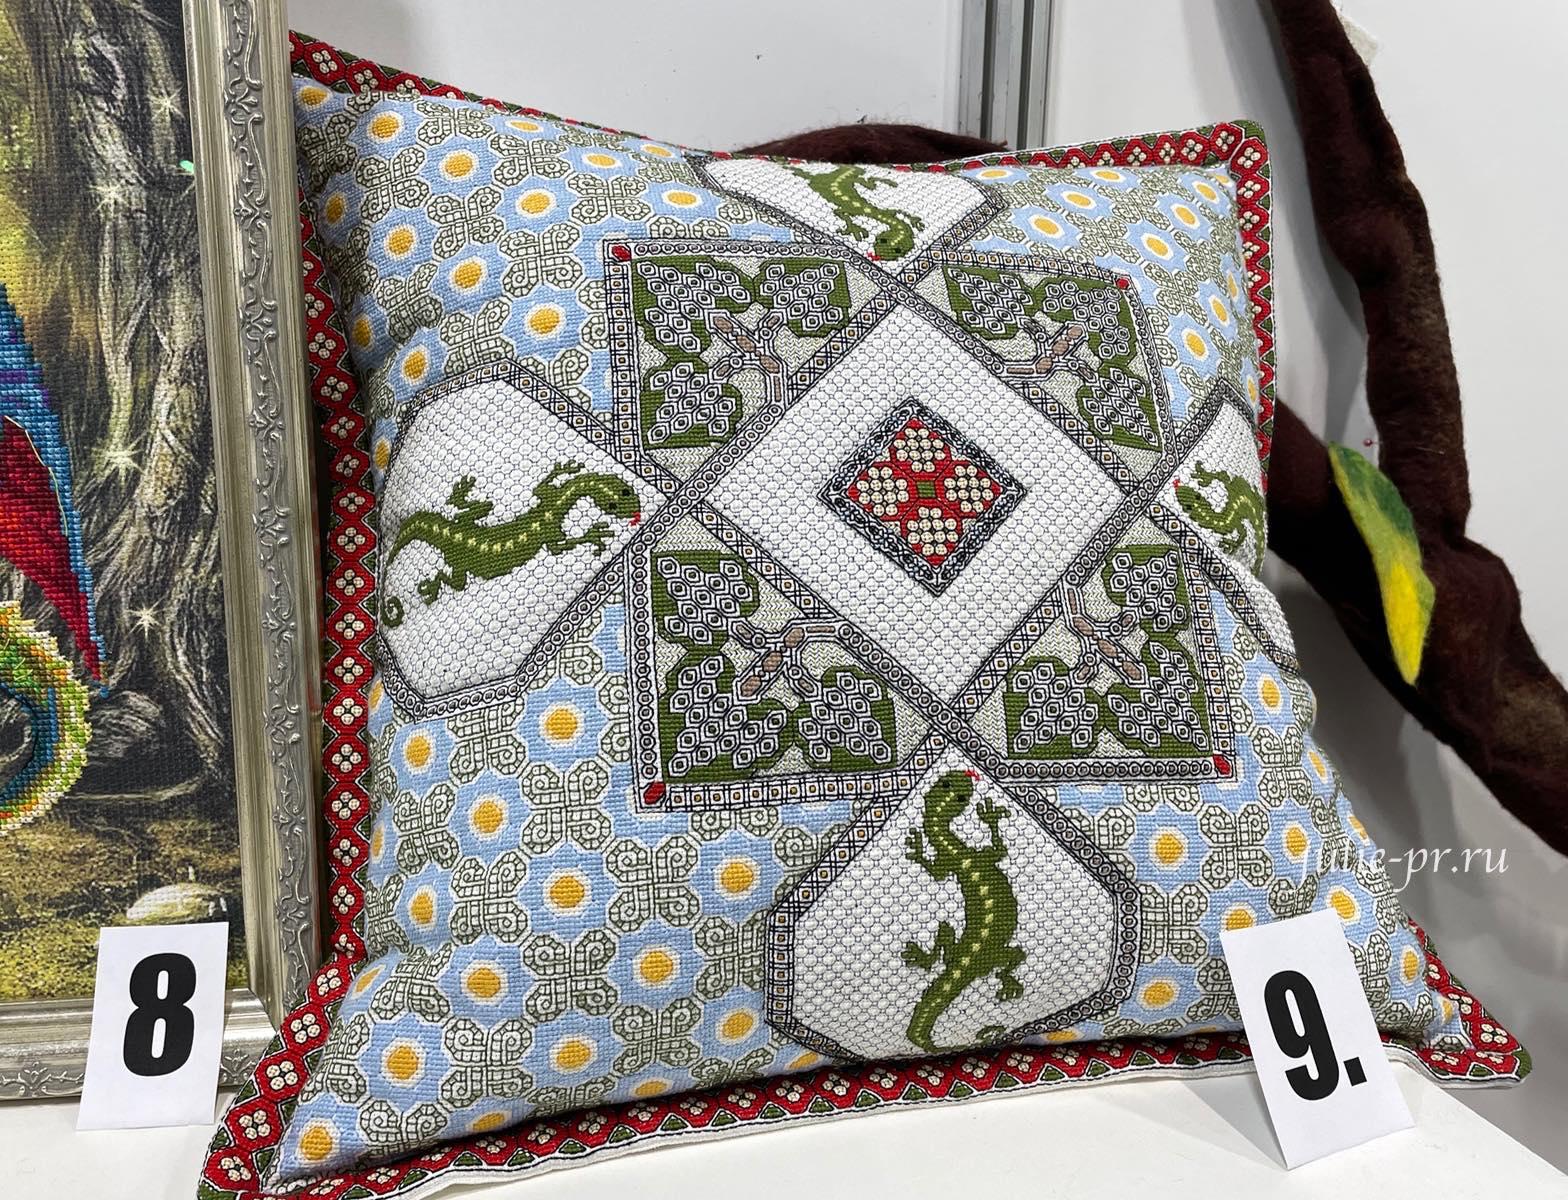 формула рукоделия осень 2021, вышивка крестом, выставка, подушка